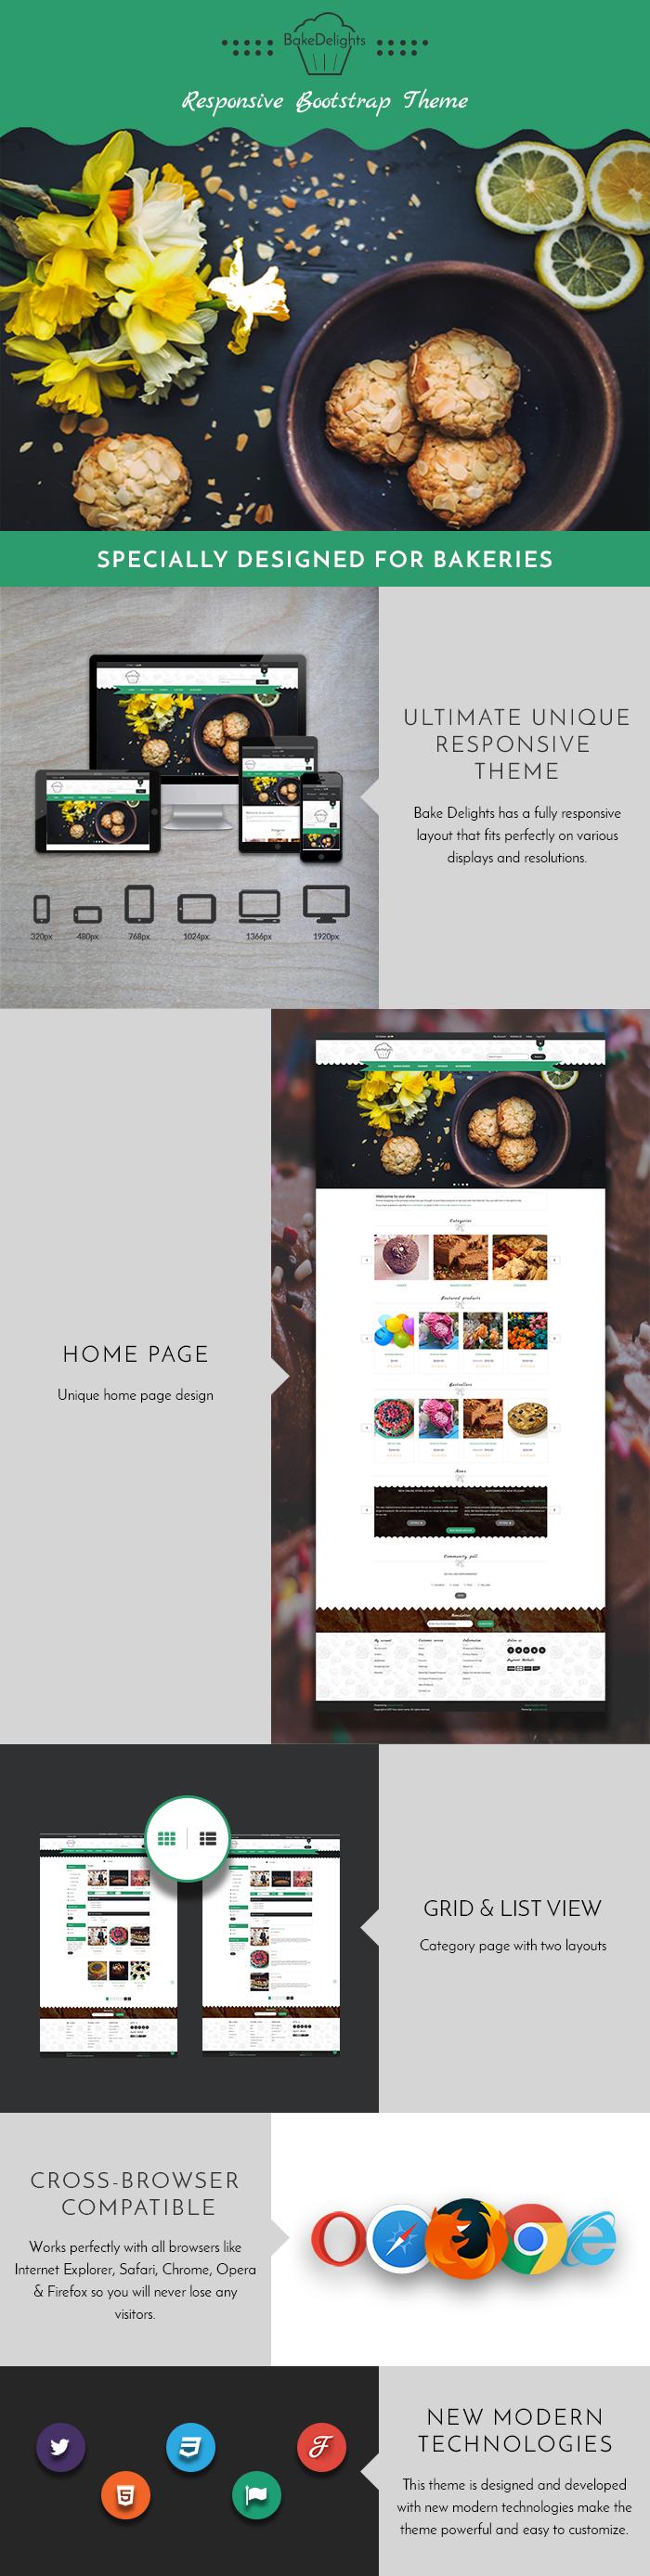 Bake-Delights-Theme-Details-image